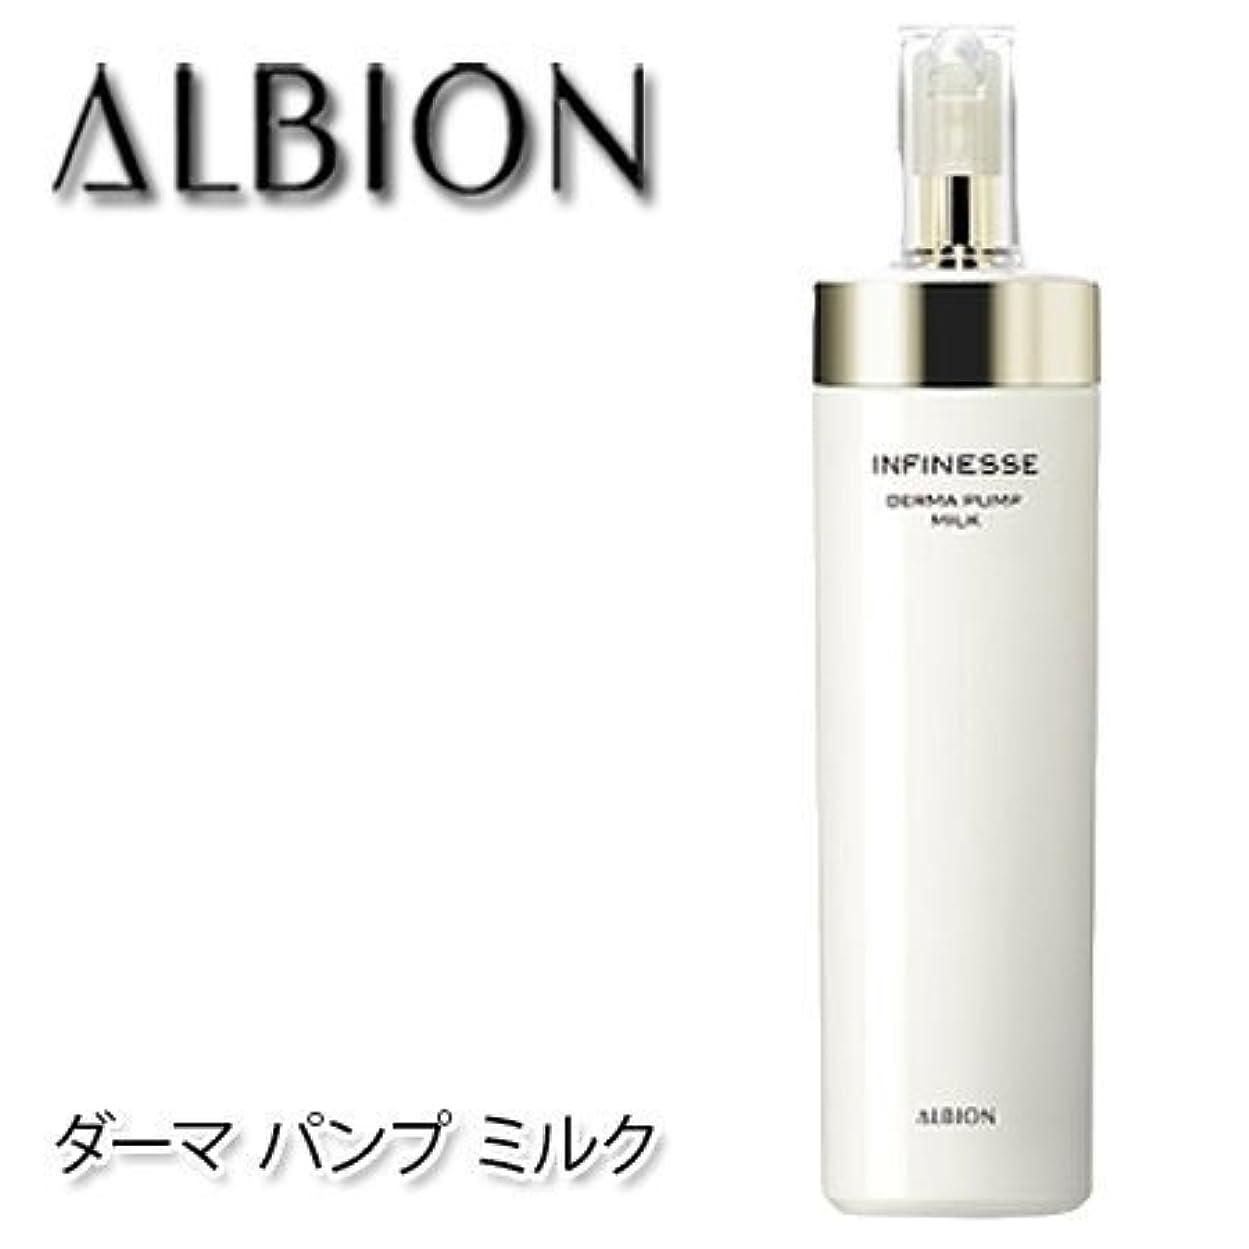 古い知恵チケットアルビオン アンフィネス ダーマ パンプ ミルク 200g-ALBION-